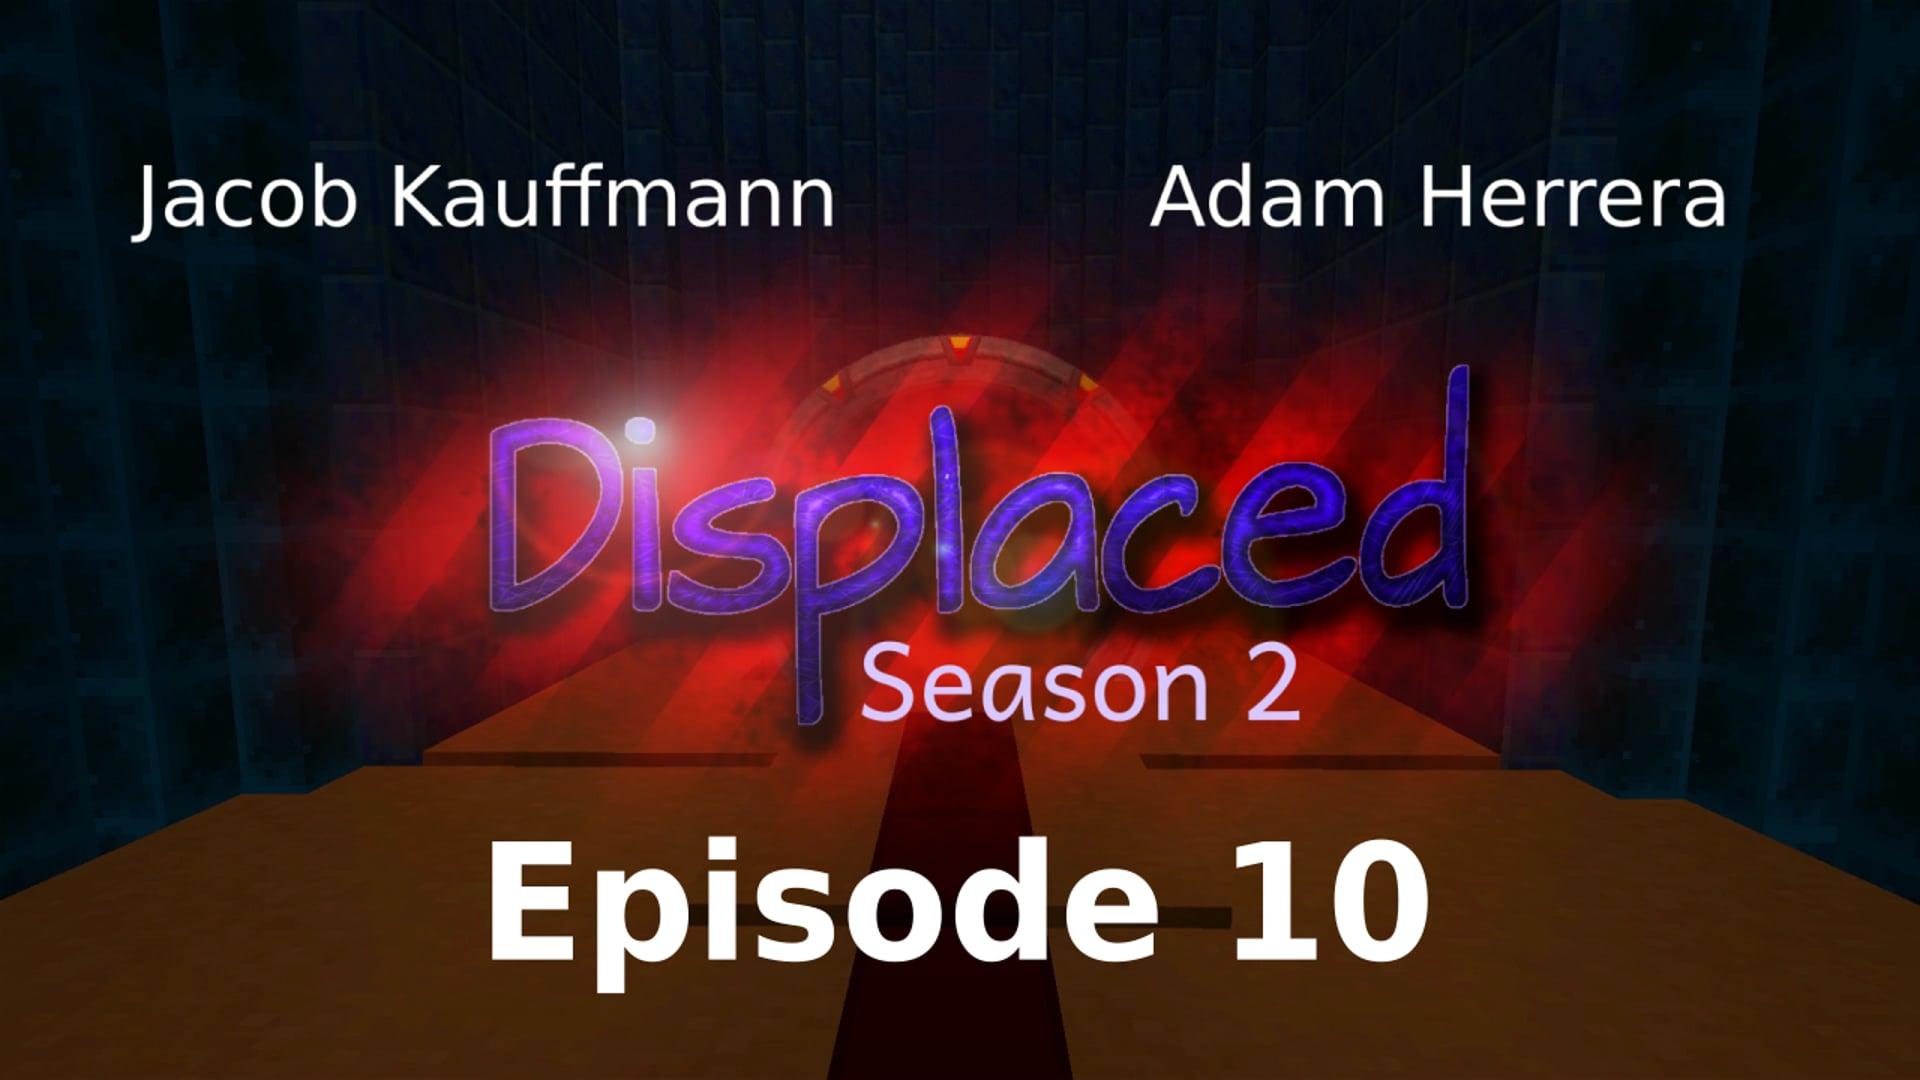 Episode 10 - Displaced: Season 2